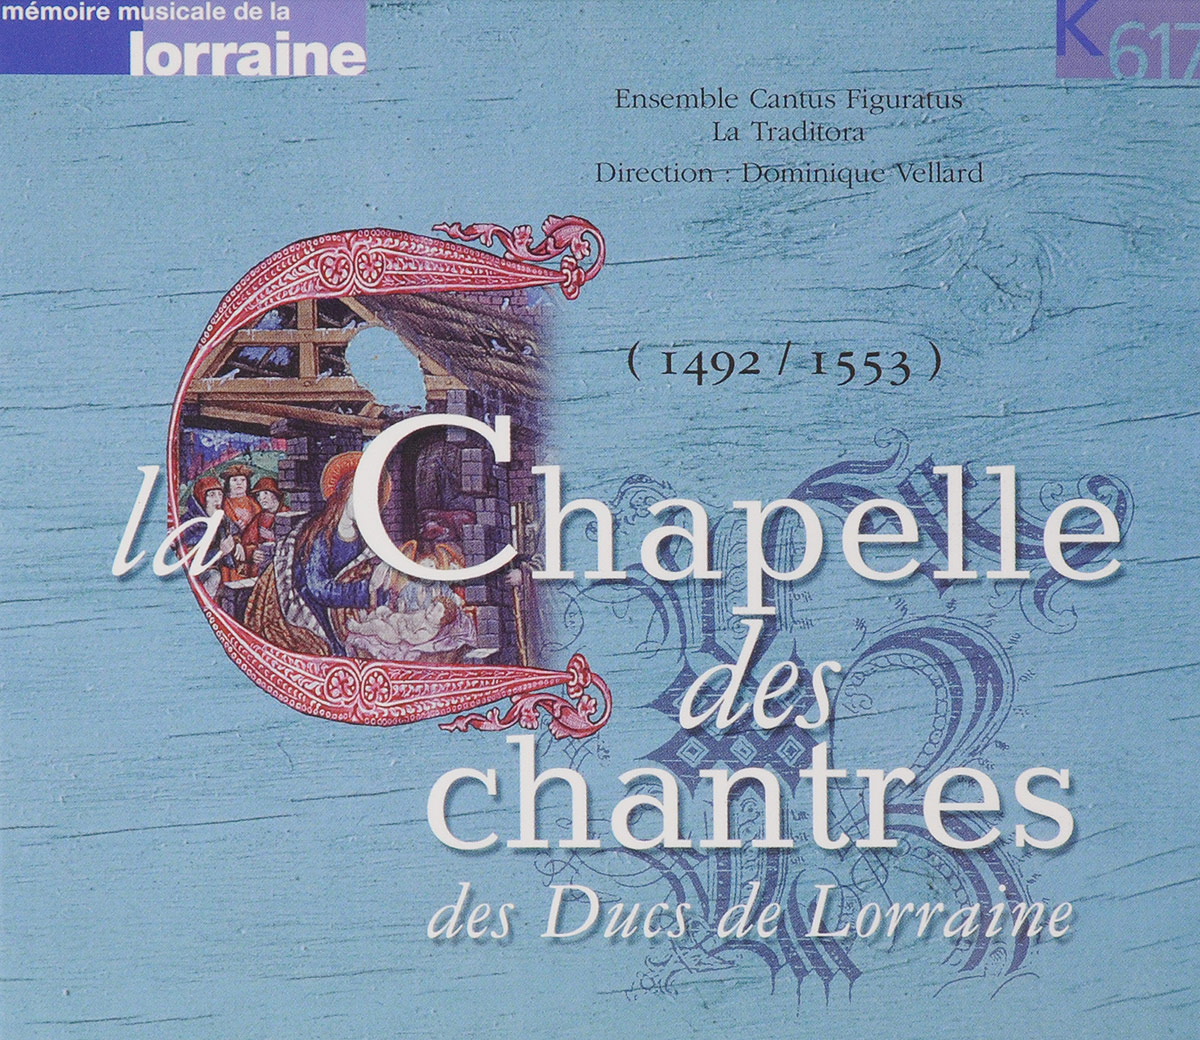 Исполнитель: VARIOUSАльбом: LES CHANTRES DES DUCS DE LORRAINEПроизводитель: K617